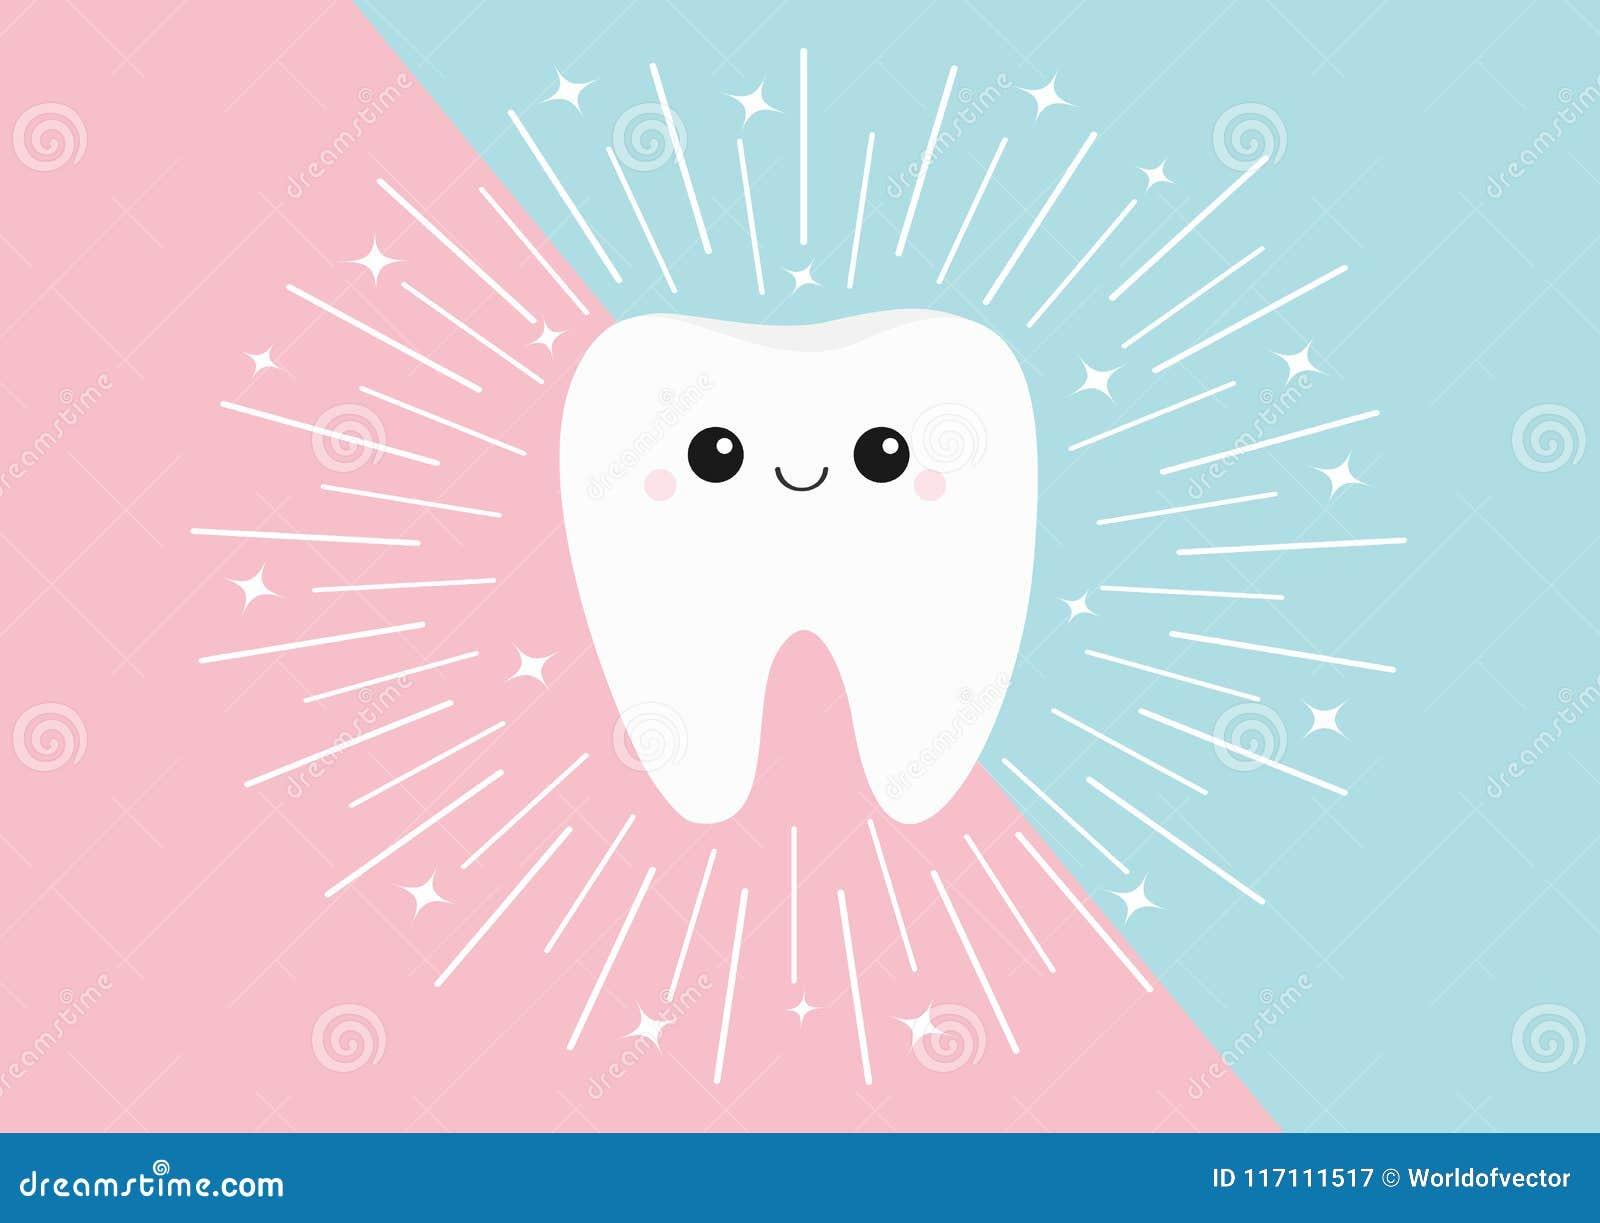 Ícone saudável do dente Cara bonito do kawaii com olhos e sorriso Linha redonda círculo Projeto liso Higiene dental oral Cuidado